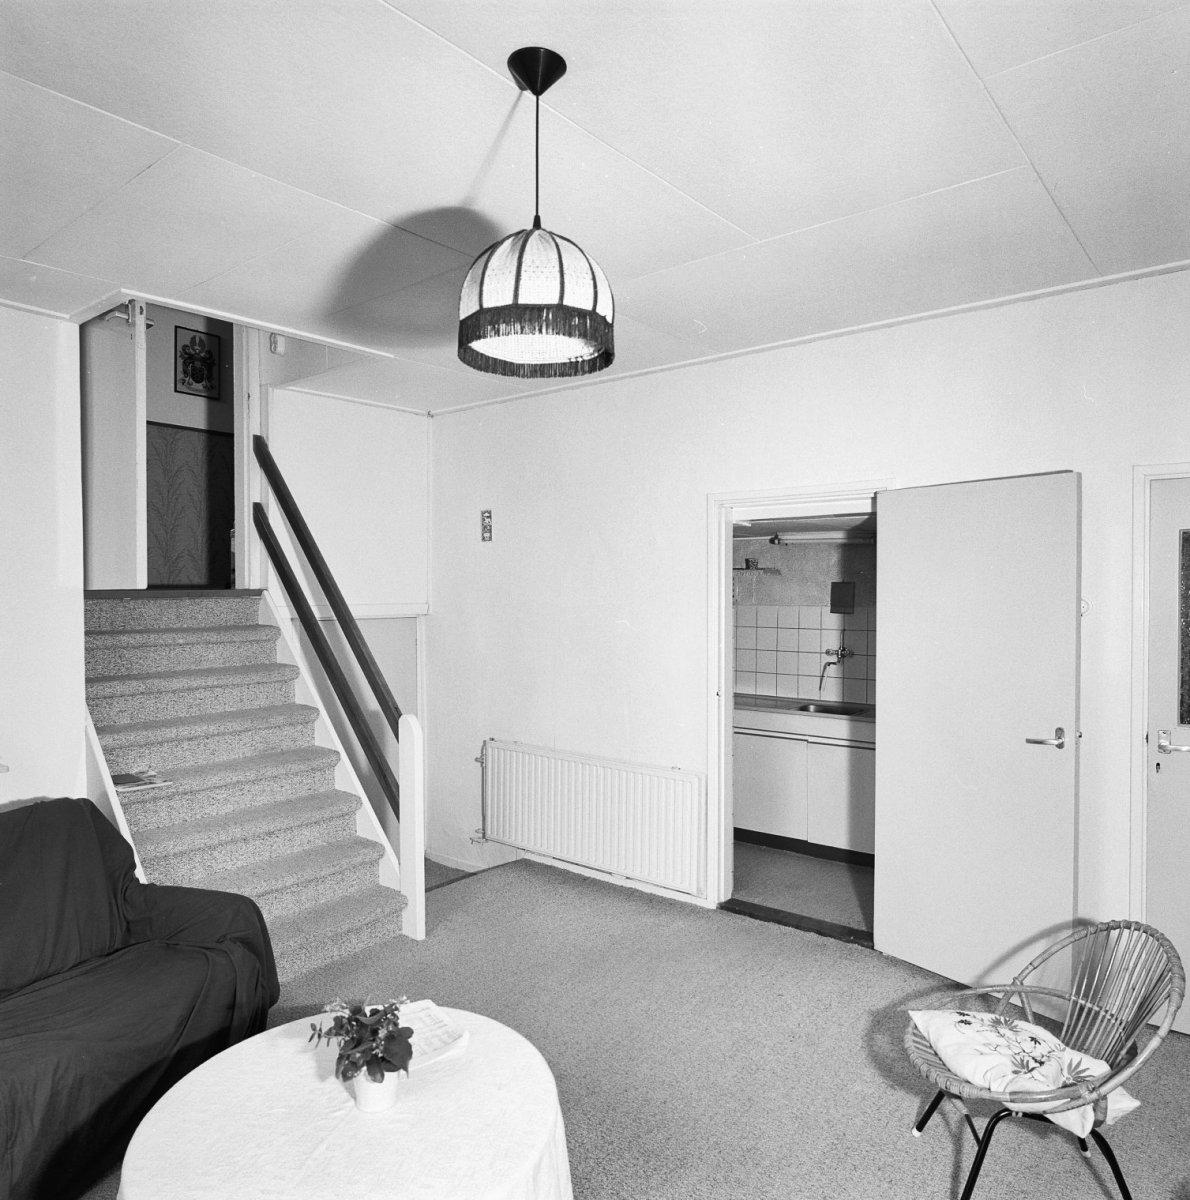 File:Interieur woonhuis, gedeelte woonkamer met ingebouwde keuken en ...